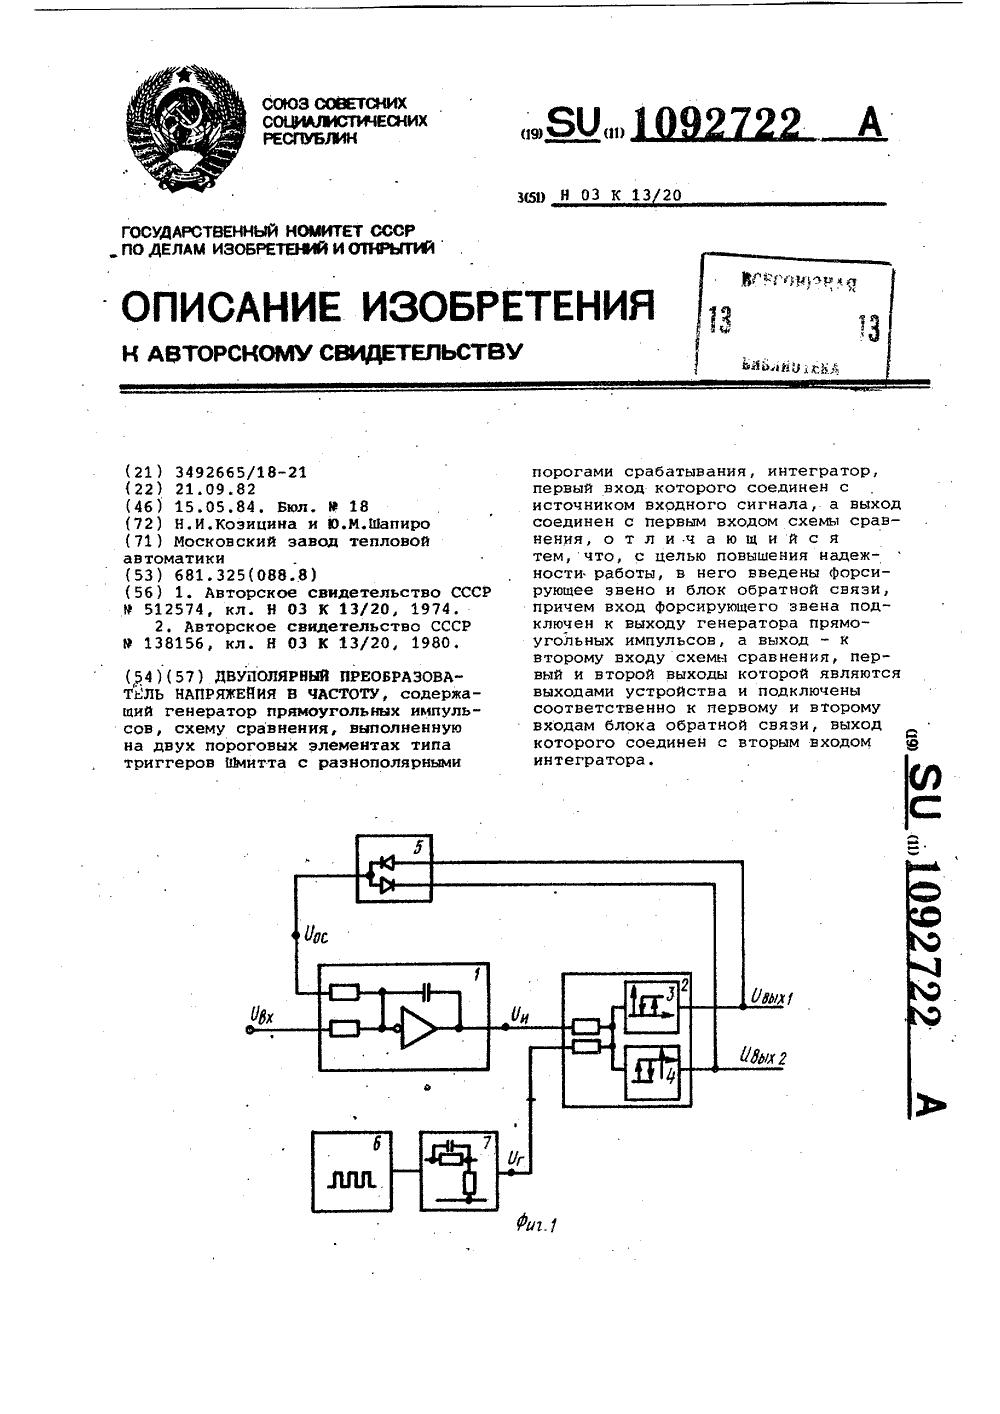 схема двуполярного преобразователя на триггера шмитта